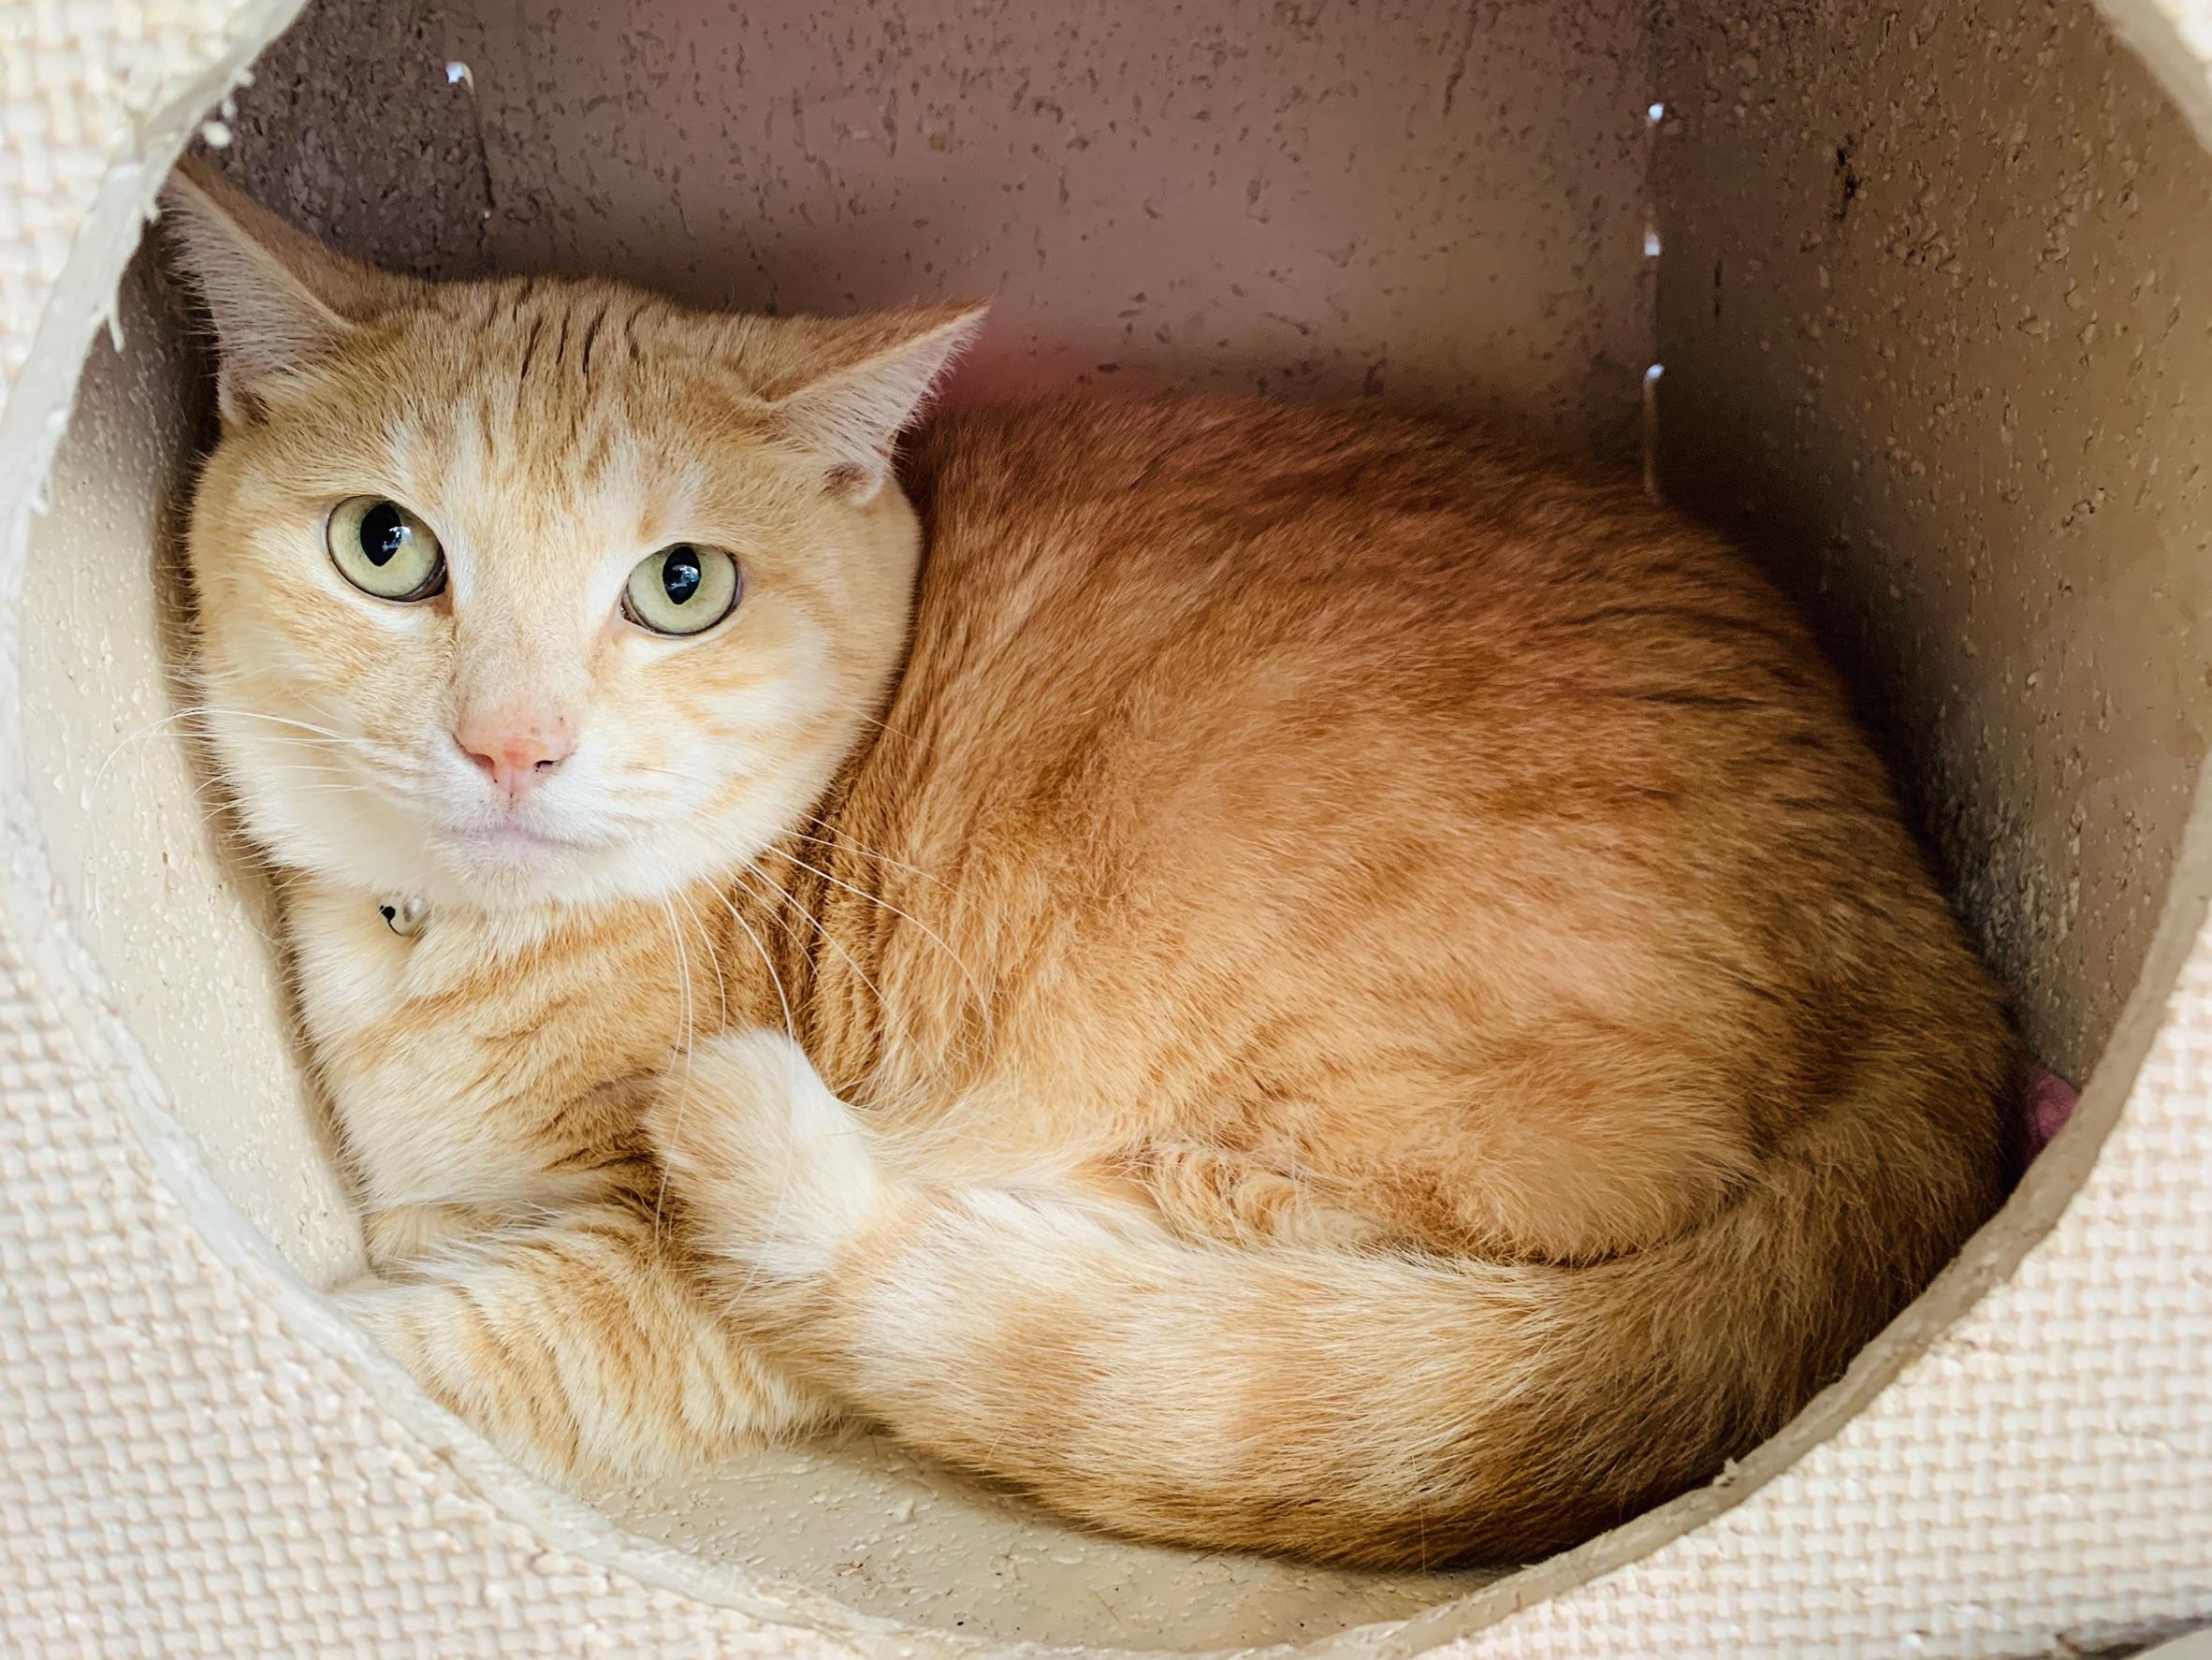 <ul> <li>東2-2</li> <li>猫種:日本猫 茶トラ</li> <li>性別:女の子</li> <li>名前:らん</li> <li>年齢:H24.8月生まれ</li> <li>保護経緯:飼い主様が高齢のため飼育困難になりました</li> <li>少し人見知りがあります</li> </ul>